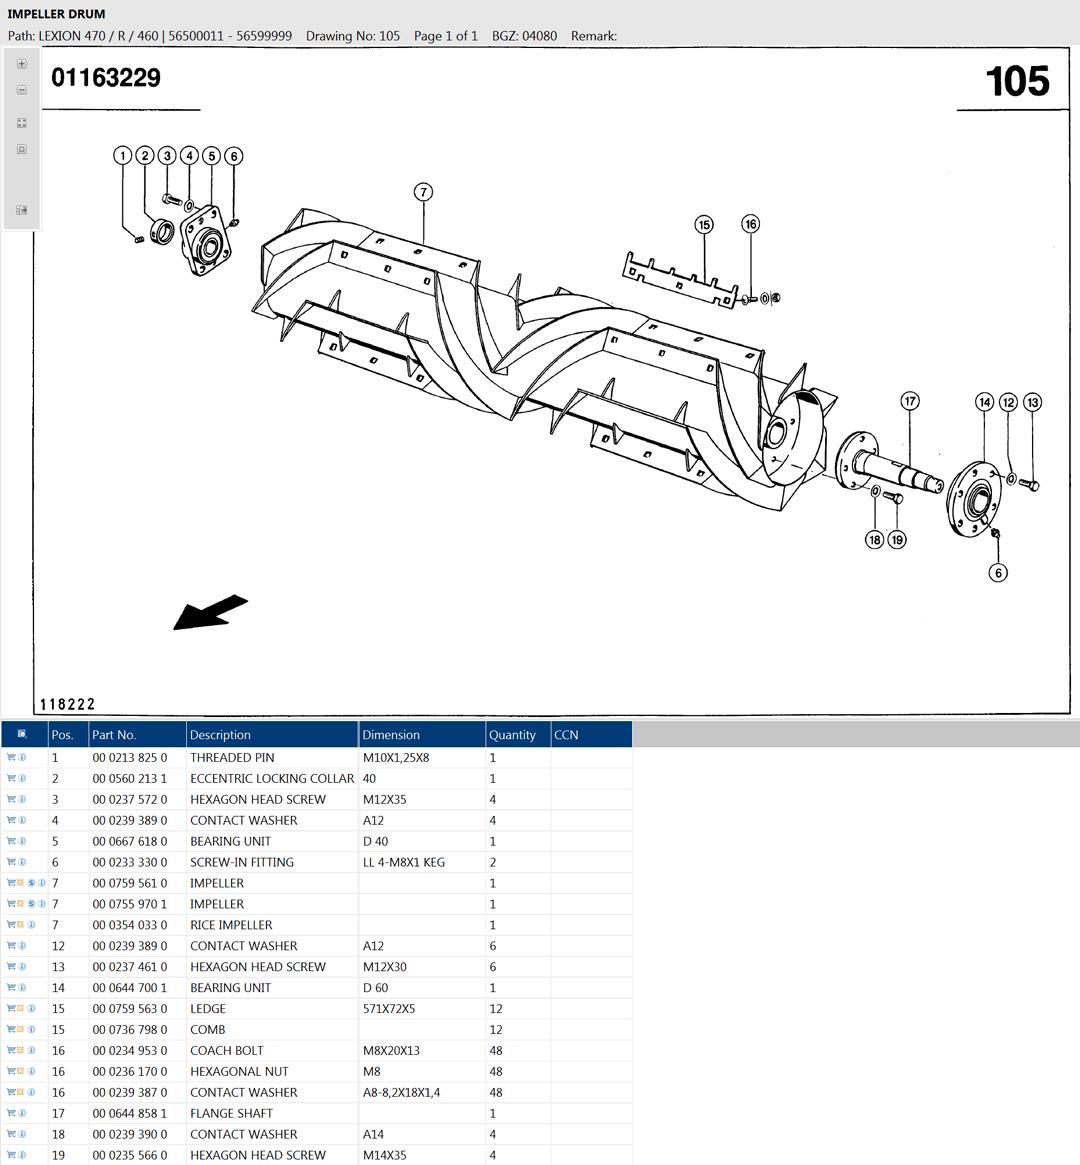 Lexion 470R parts and scheme - impeller drum